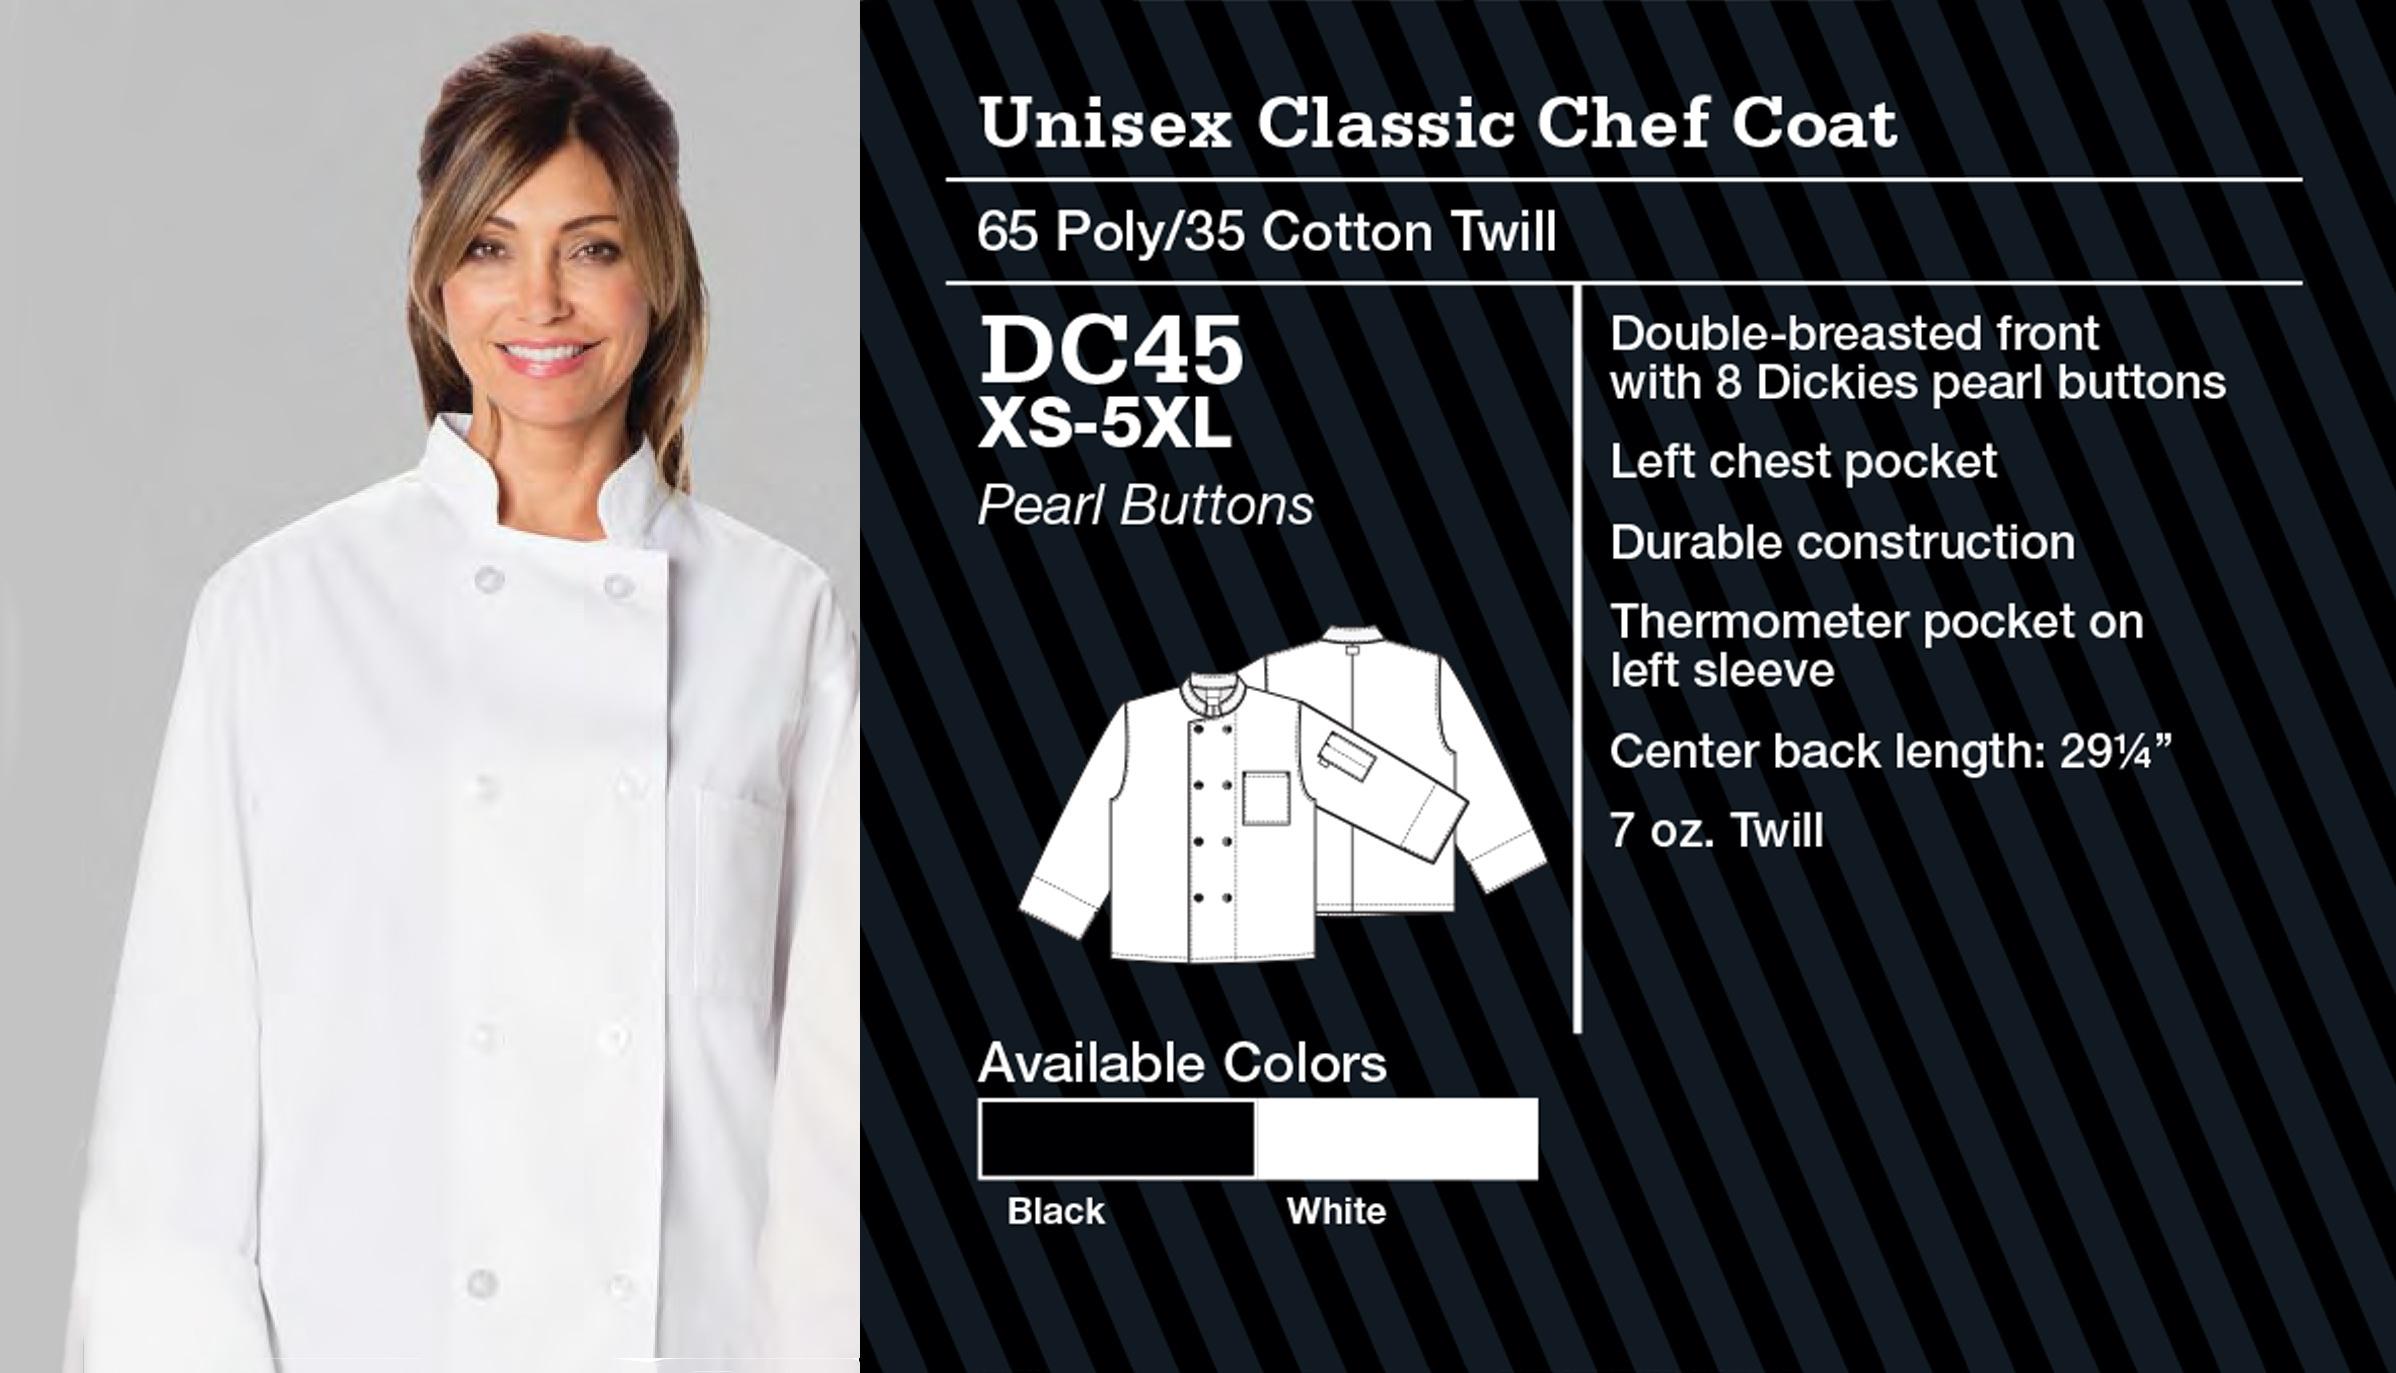 Abrigo de Chef Clásico Unisex. DC45.